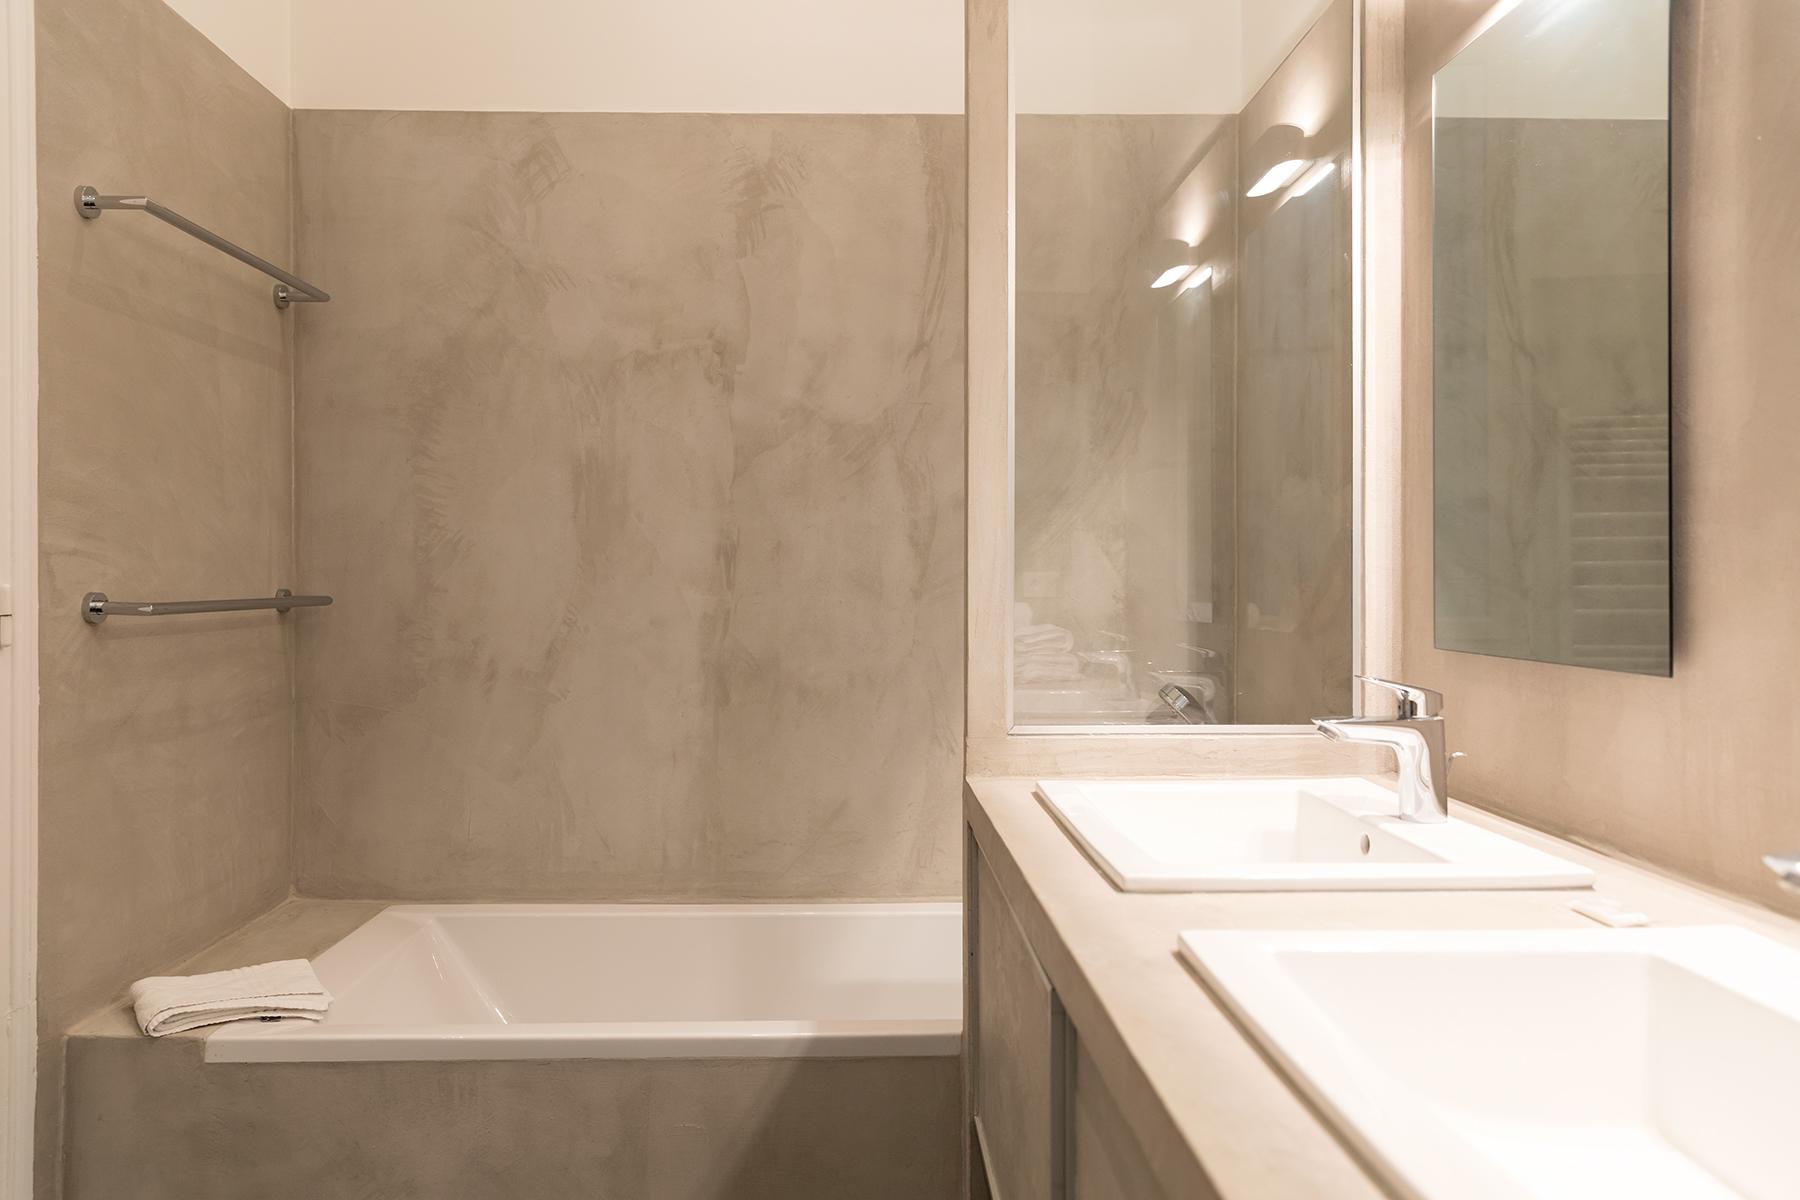 Bathroom at Apartment Monceau Chic, 9th Arr, Paris